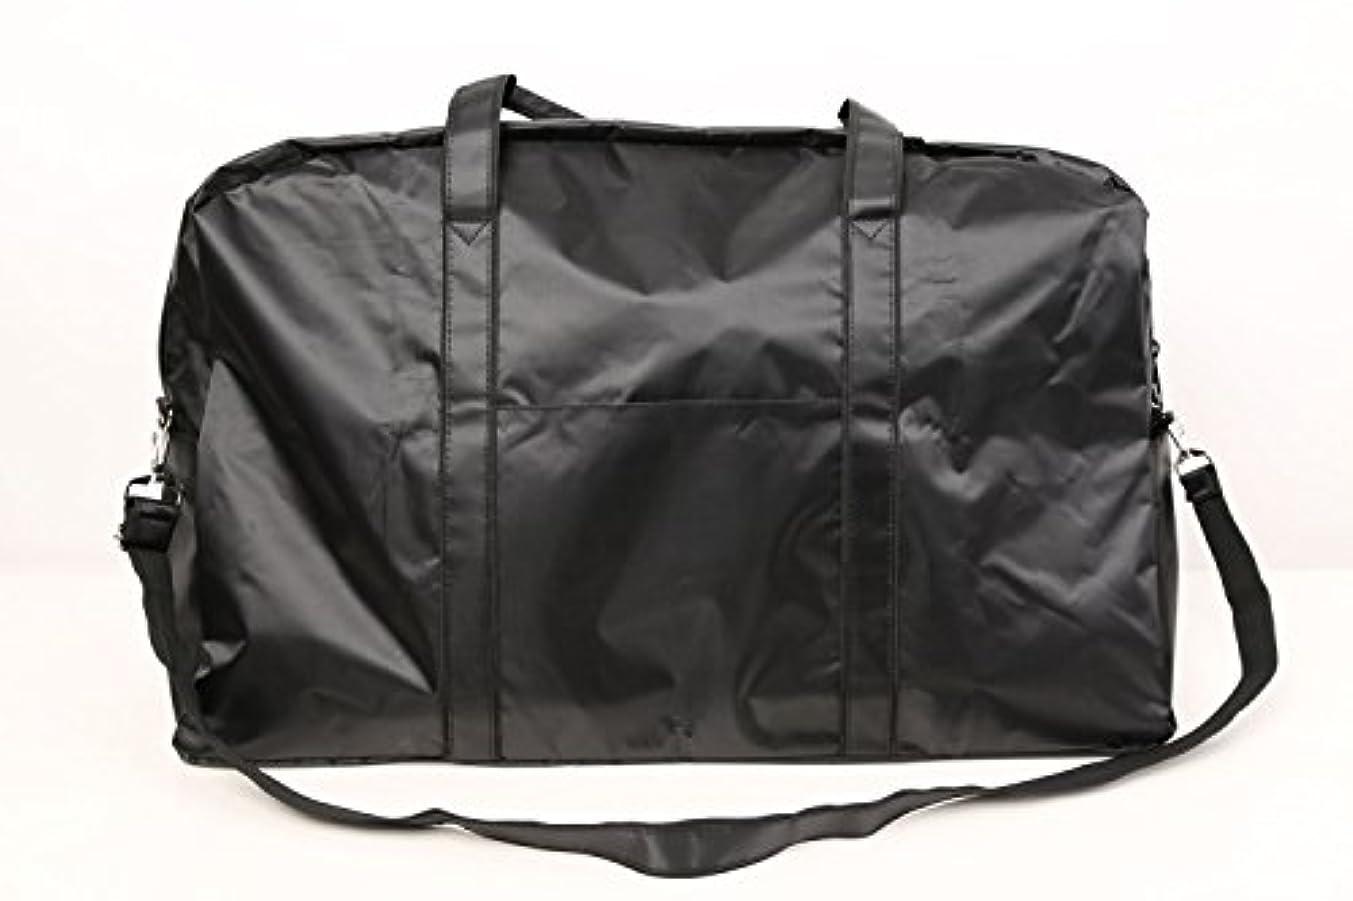 カポック打ち負かすマイクロプロセッサカットウィッグ用バッグ 大容量 軽量 ナイロンバッグ ブラック XRDB-1